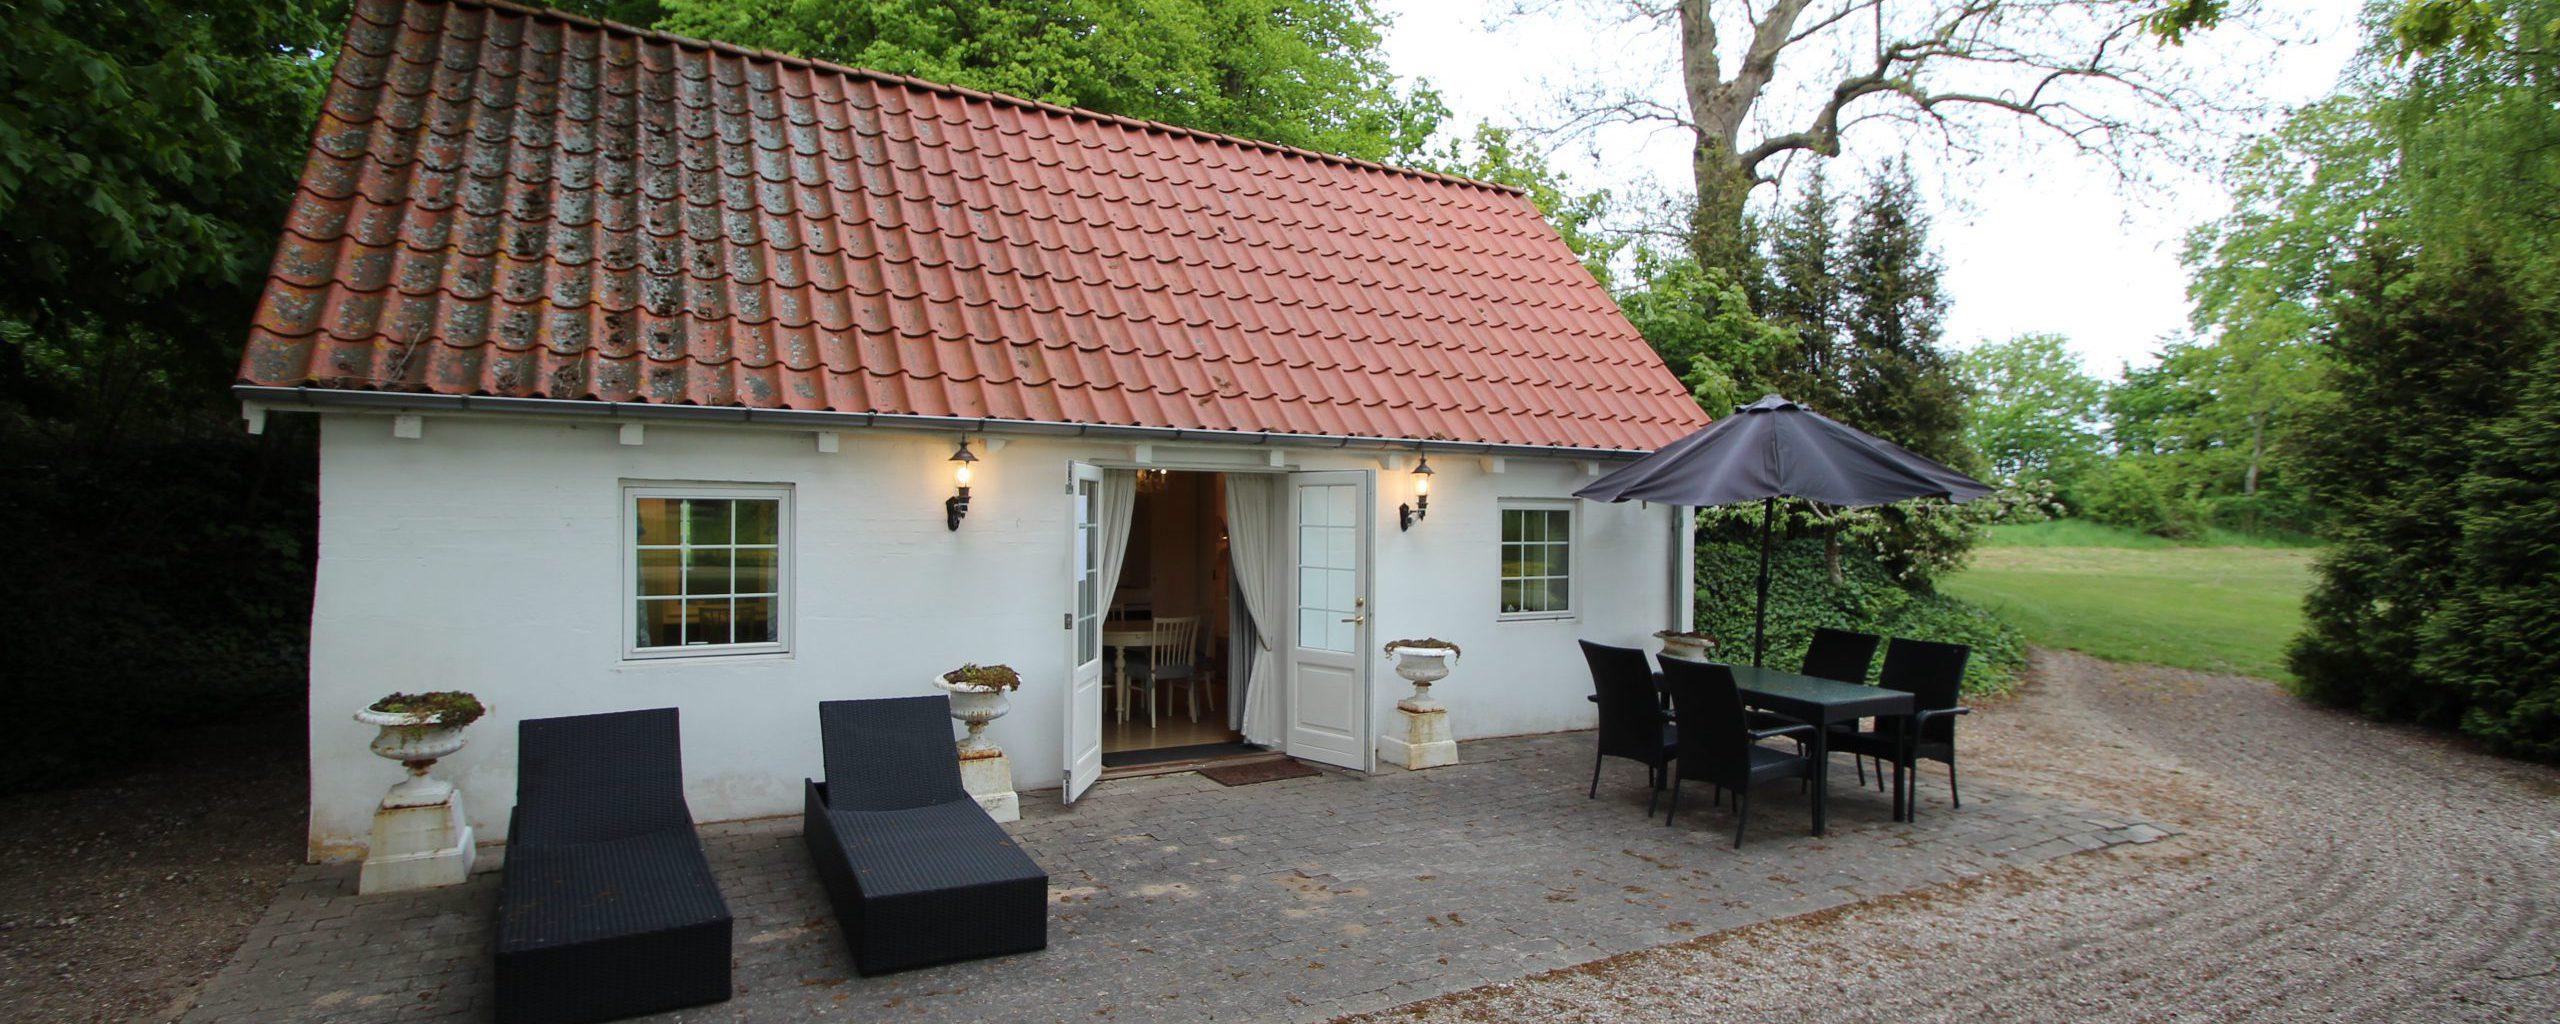 Sommerhus Hvedholm